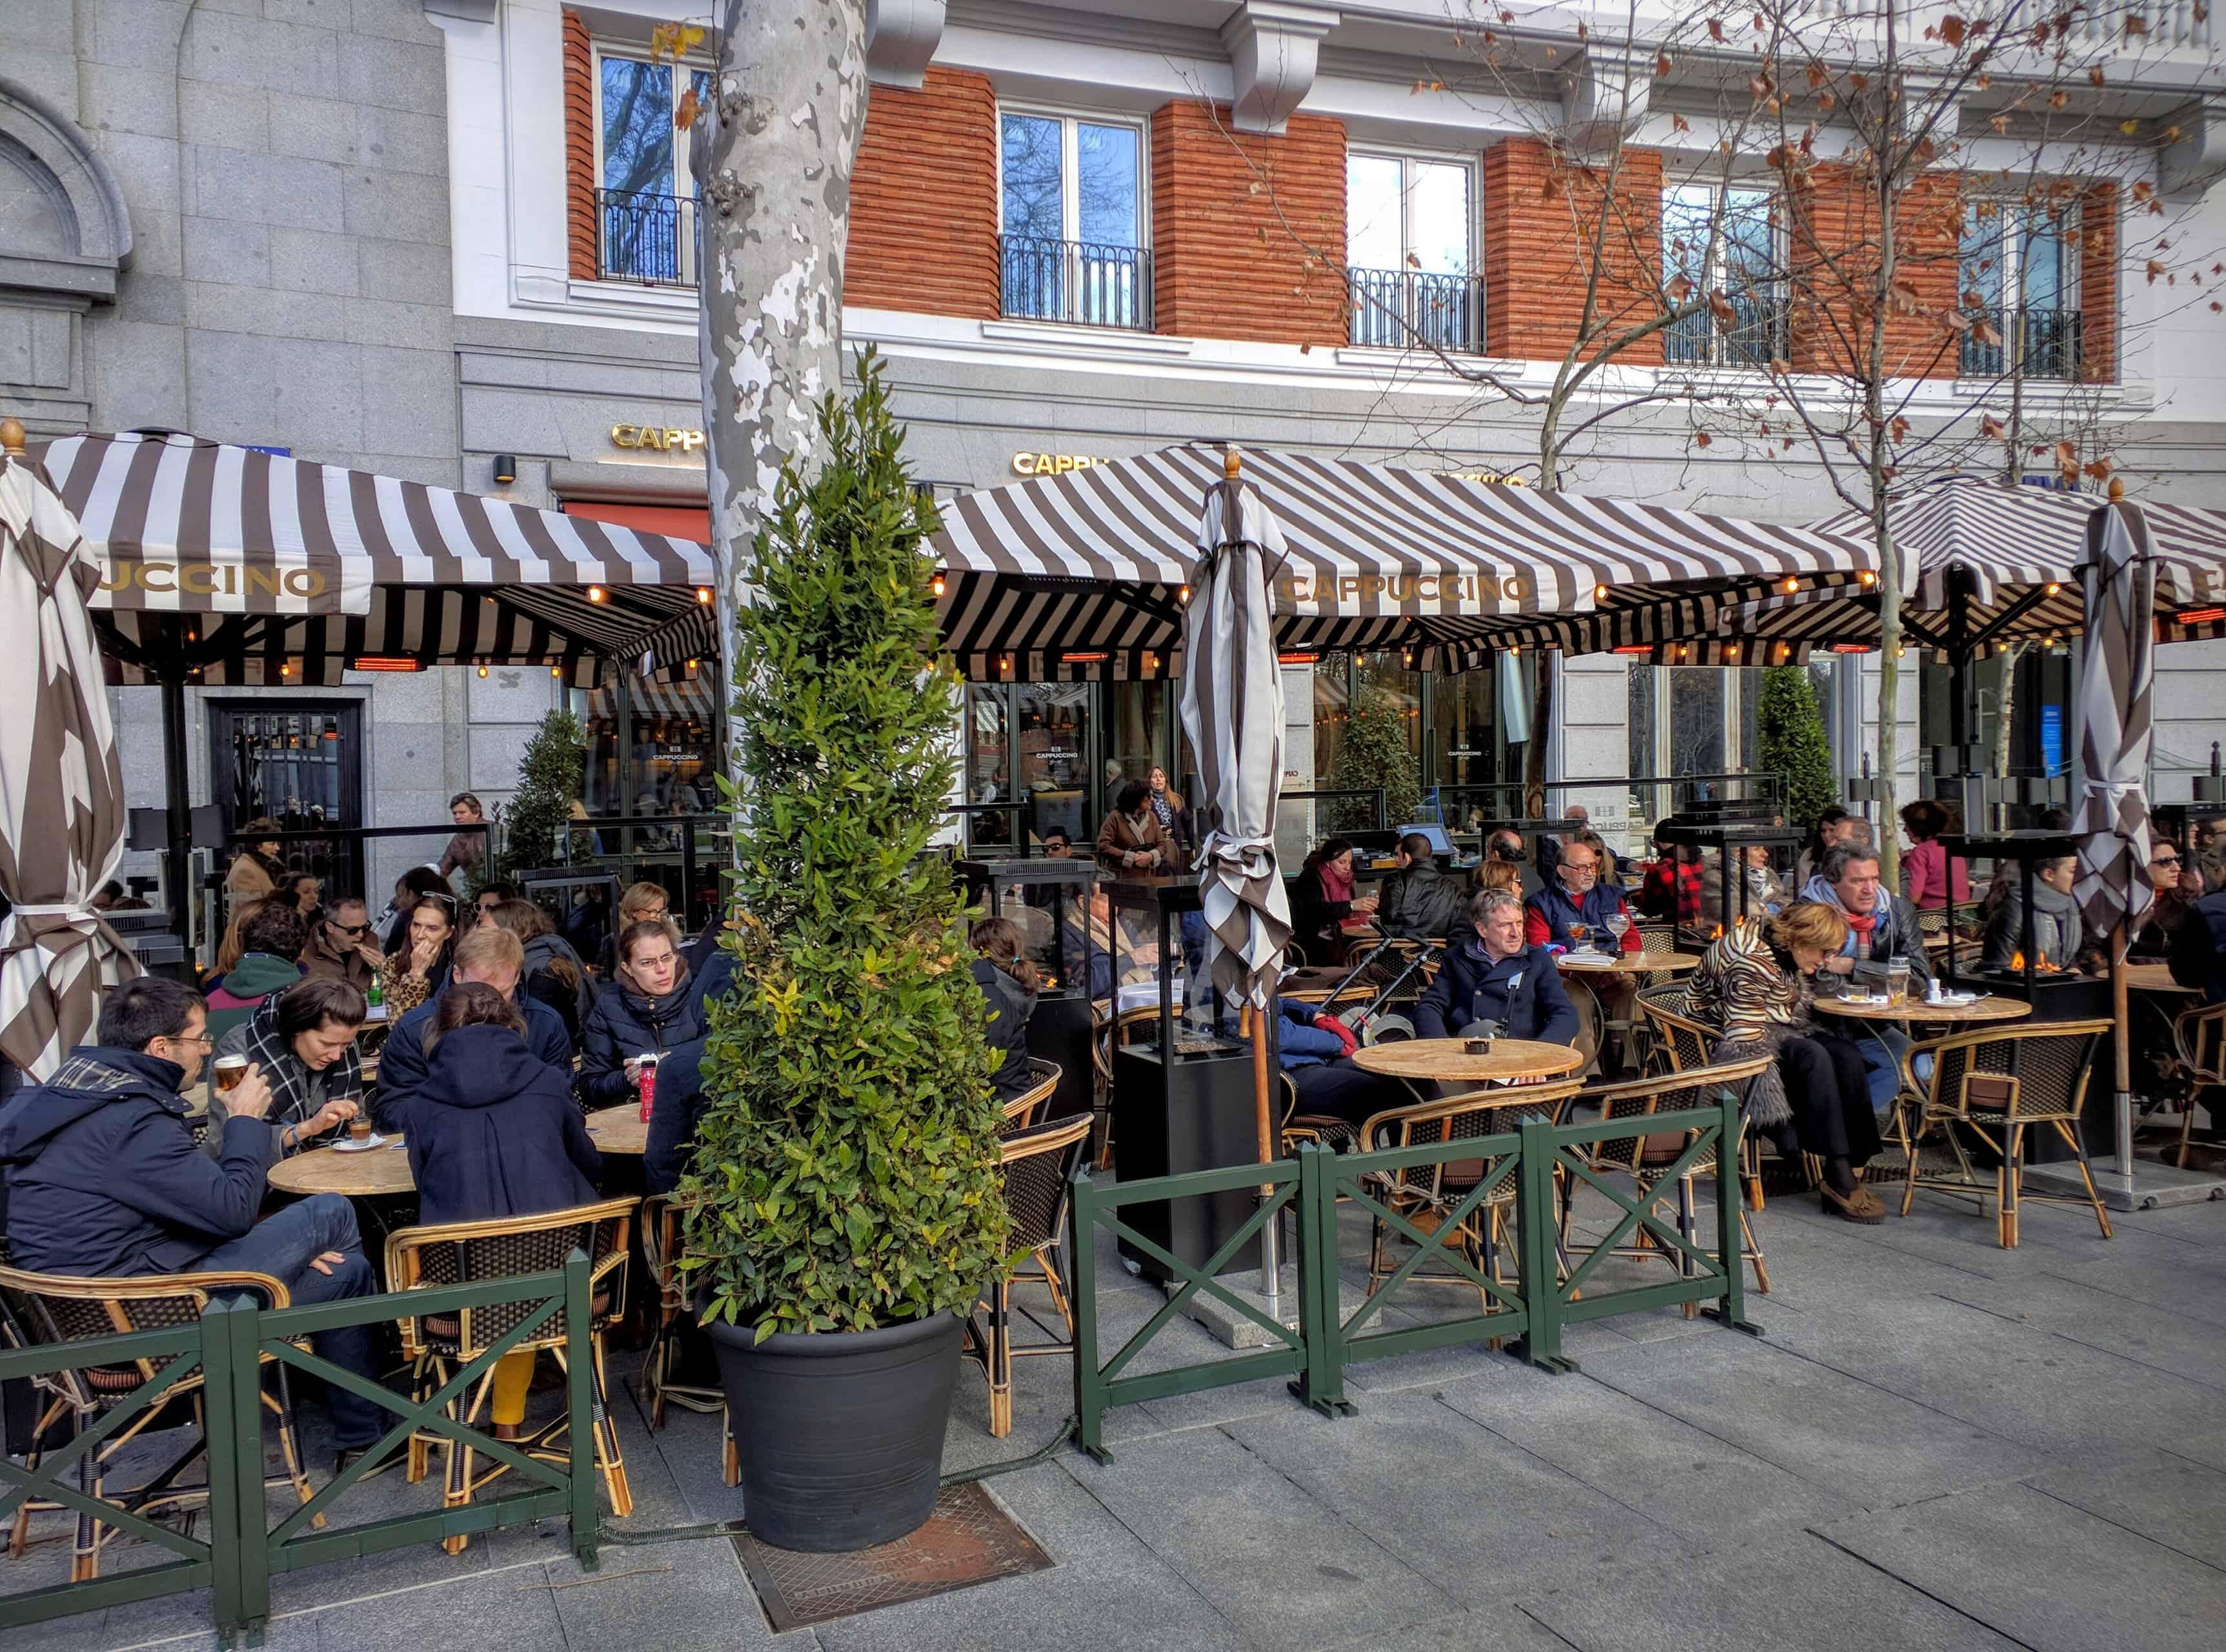 Restaurante Cappuccino visto pela calçada